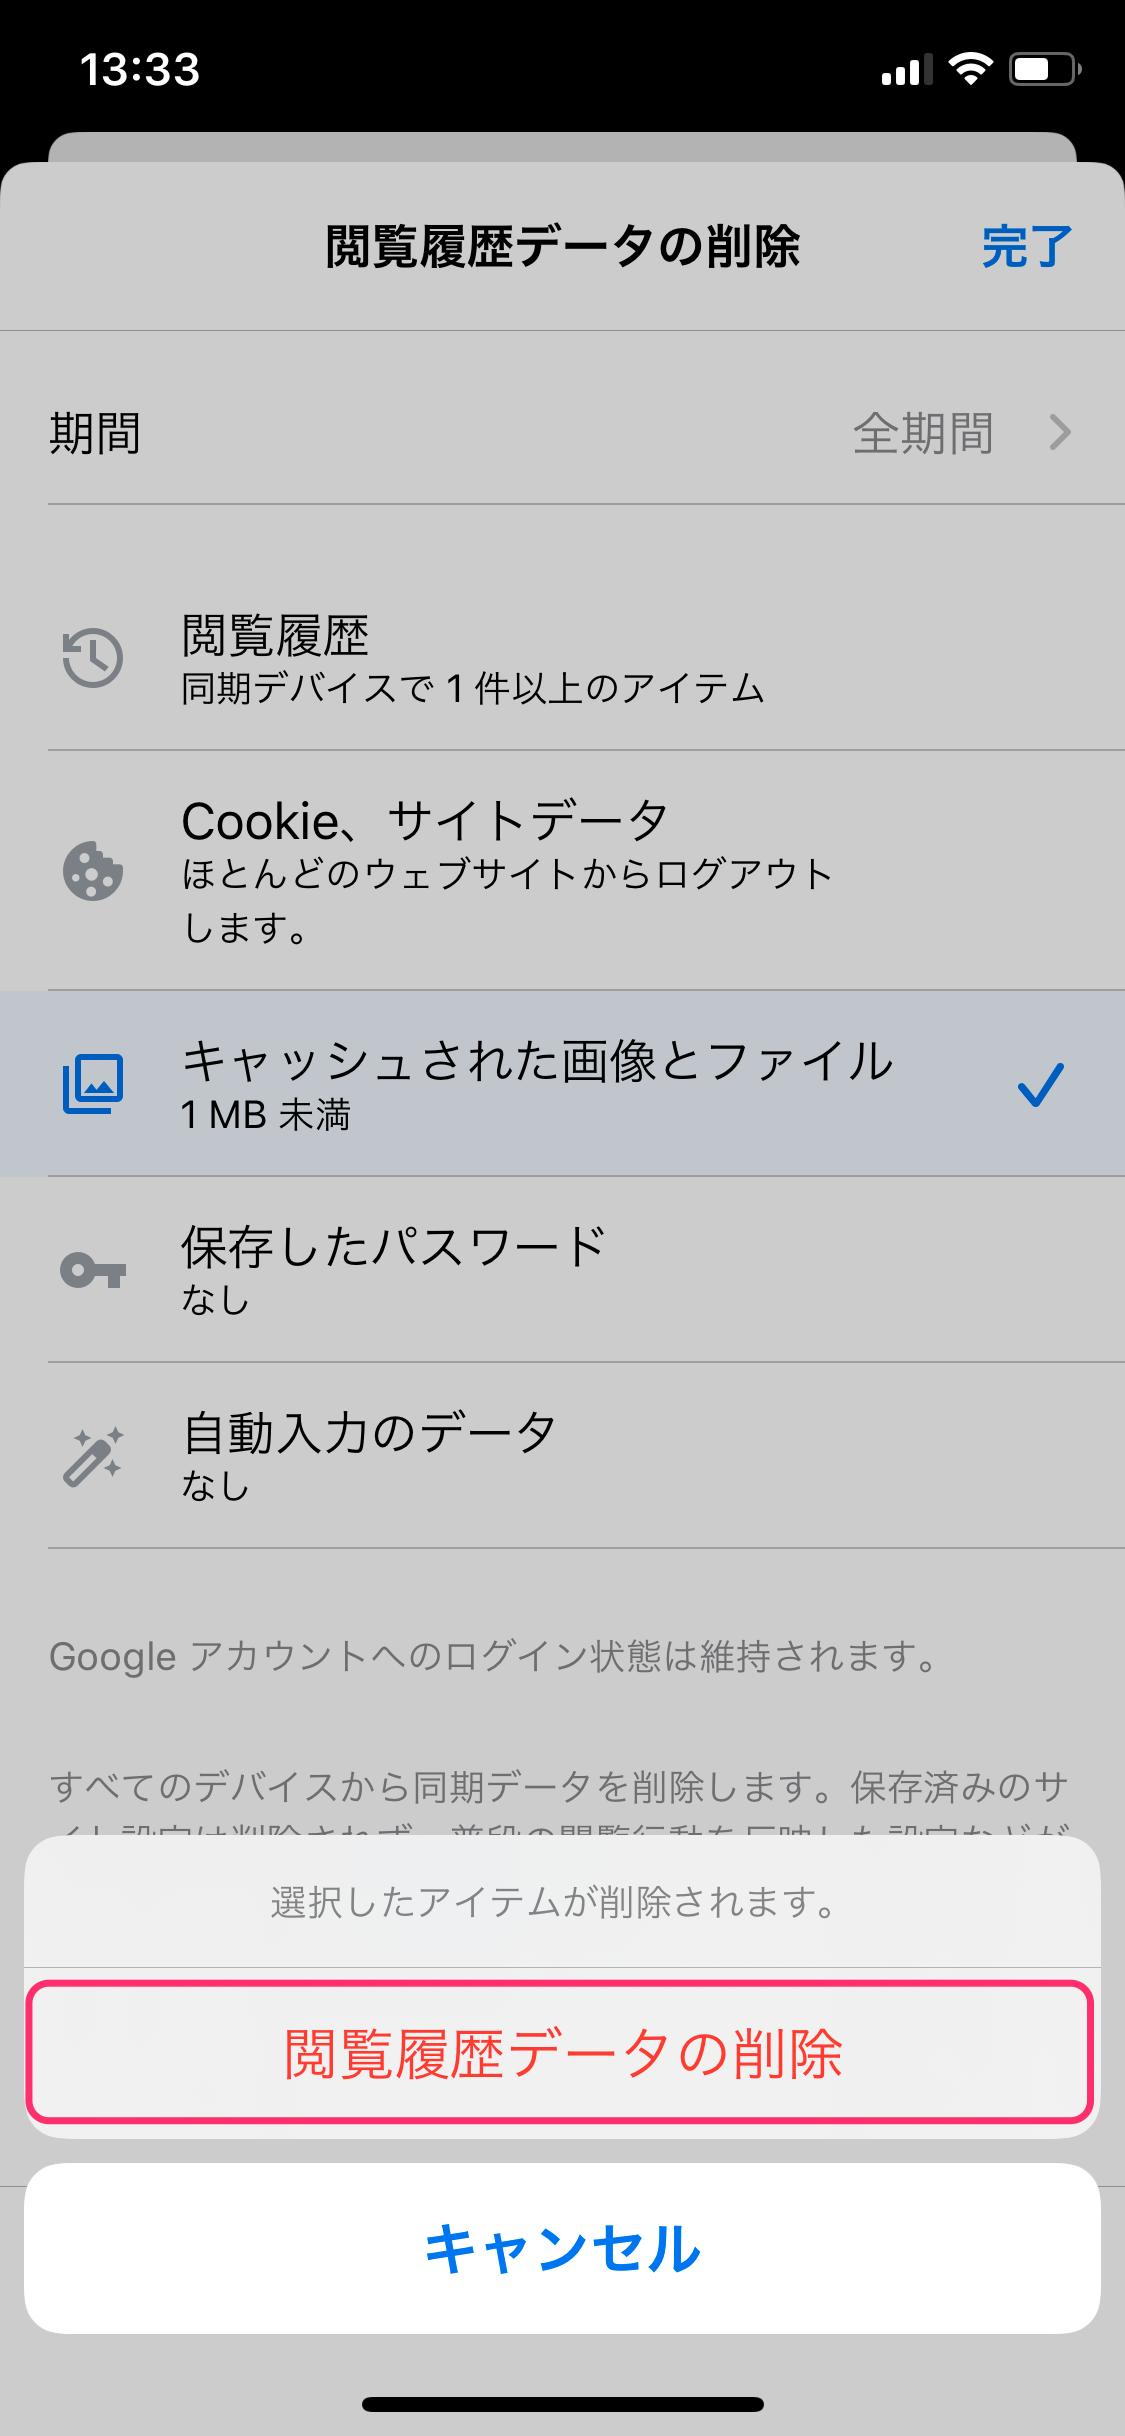 Chrome 閲覧履歴データの削除